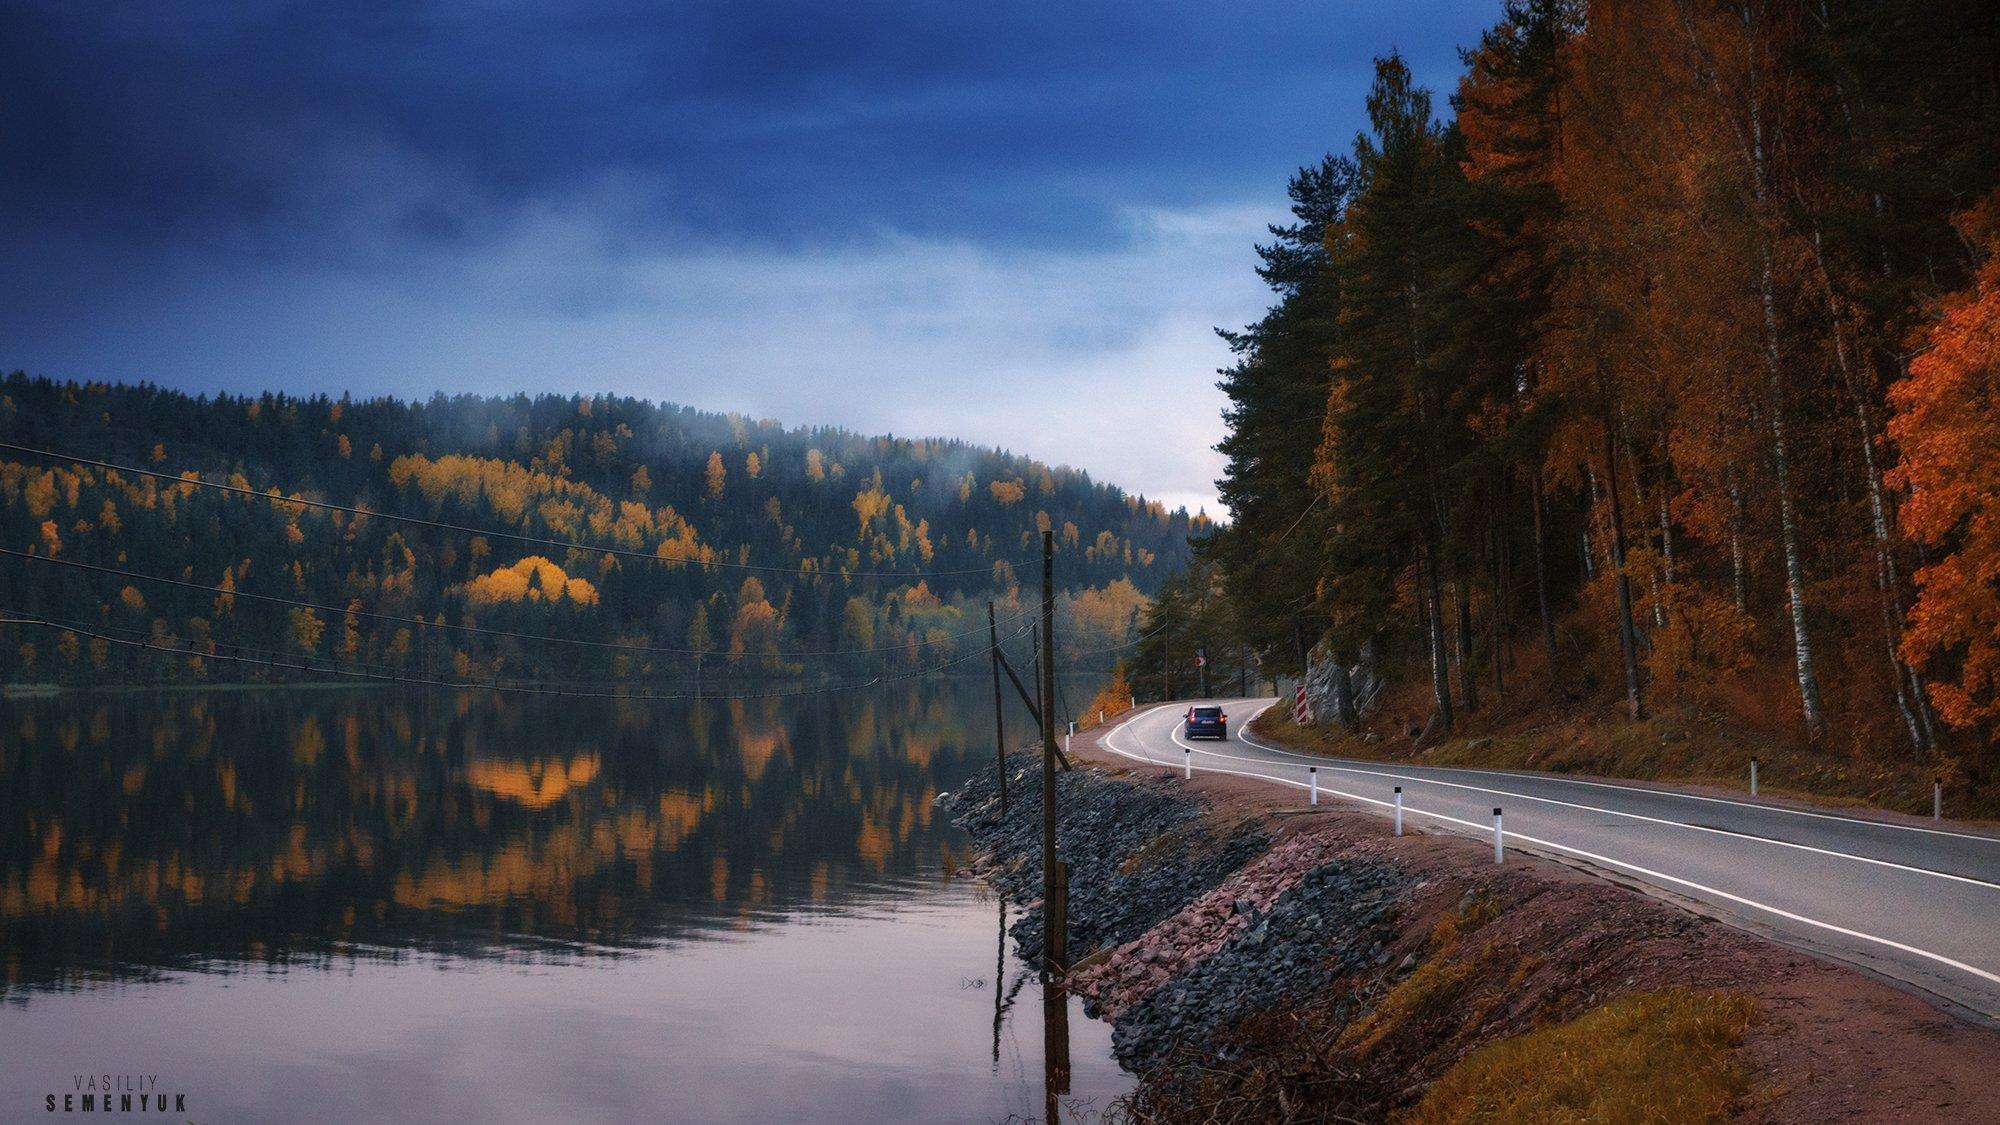 карелия, ладога, осень, деревья, золото, берег, лес, туман, дорога., Семенюк Василий